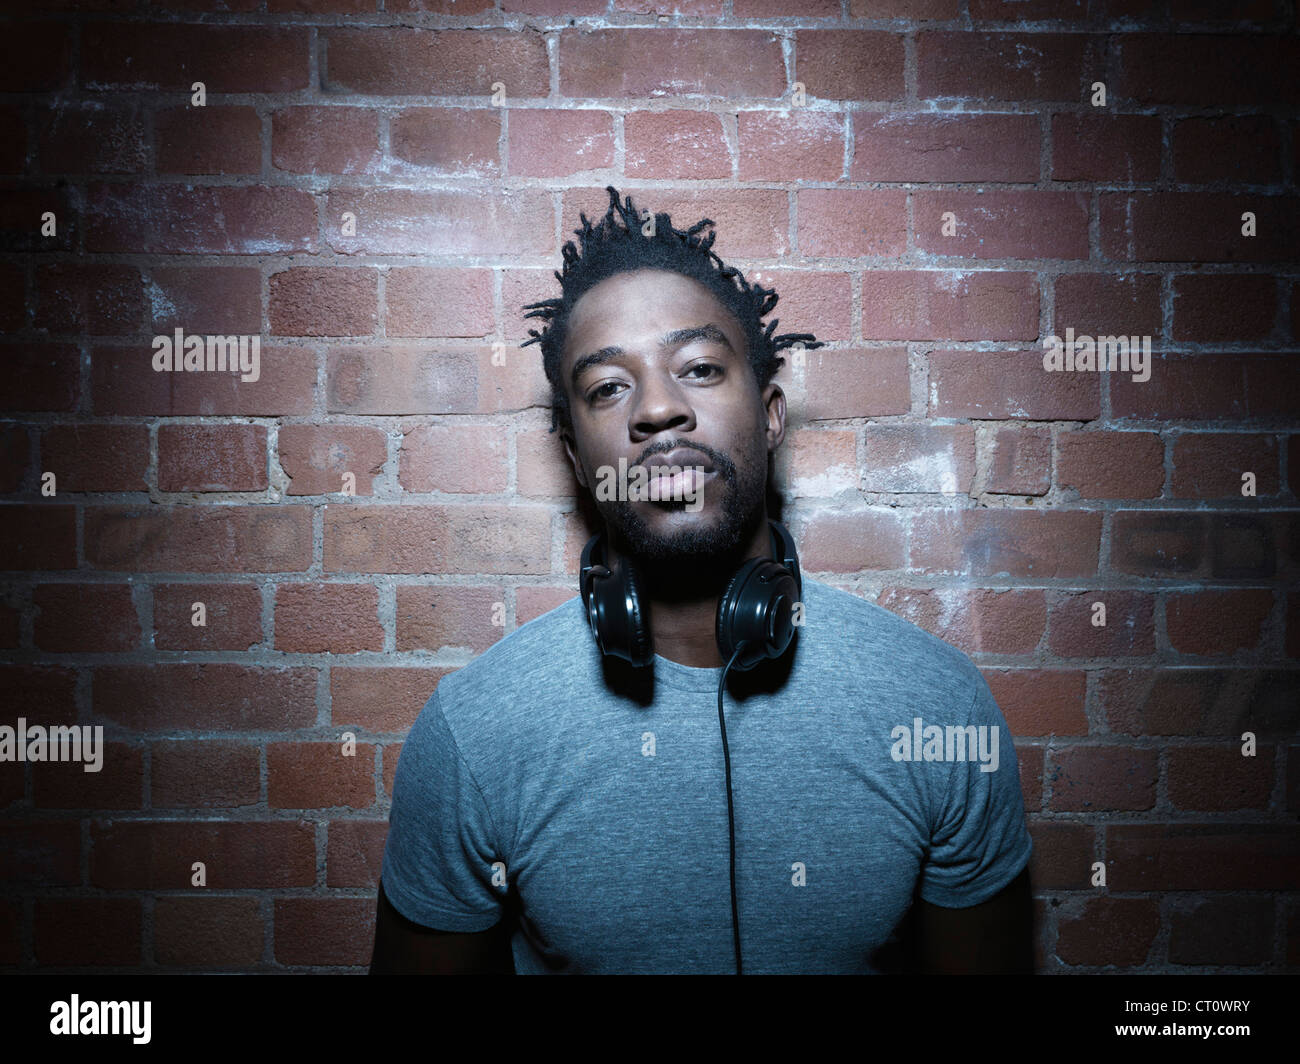 Homme portant des écouteurs autour du cou Photo Stock